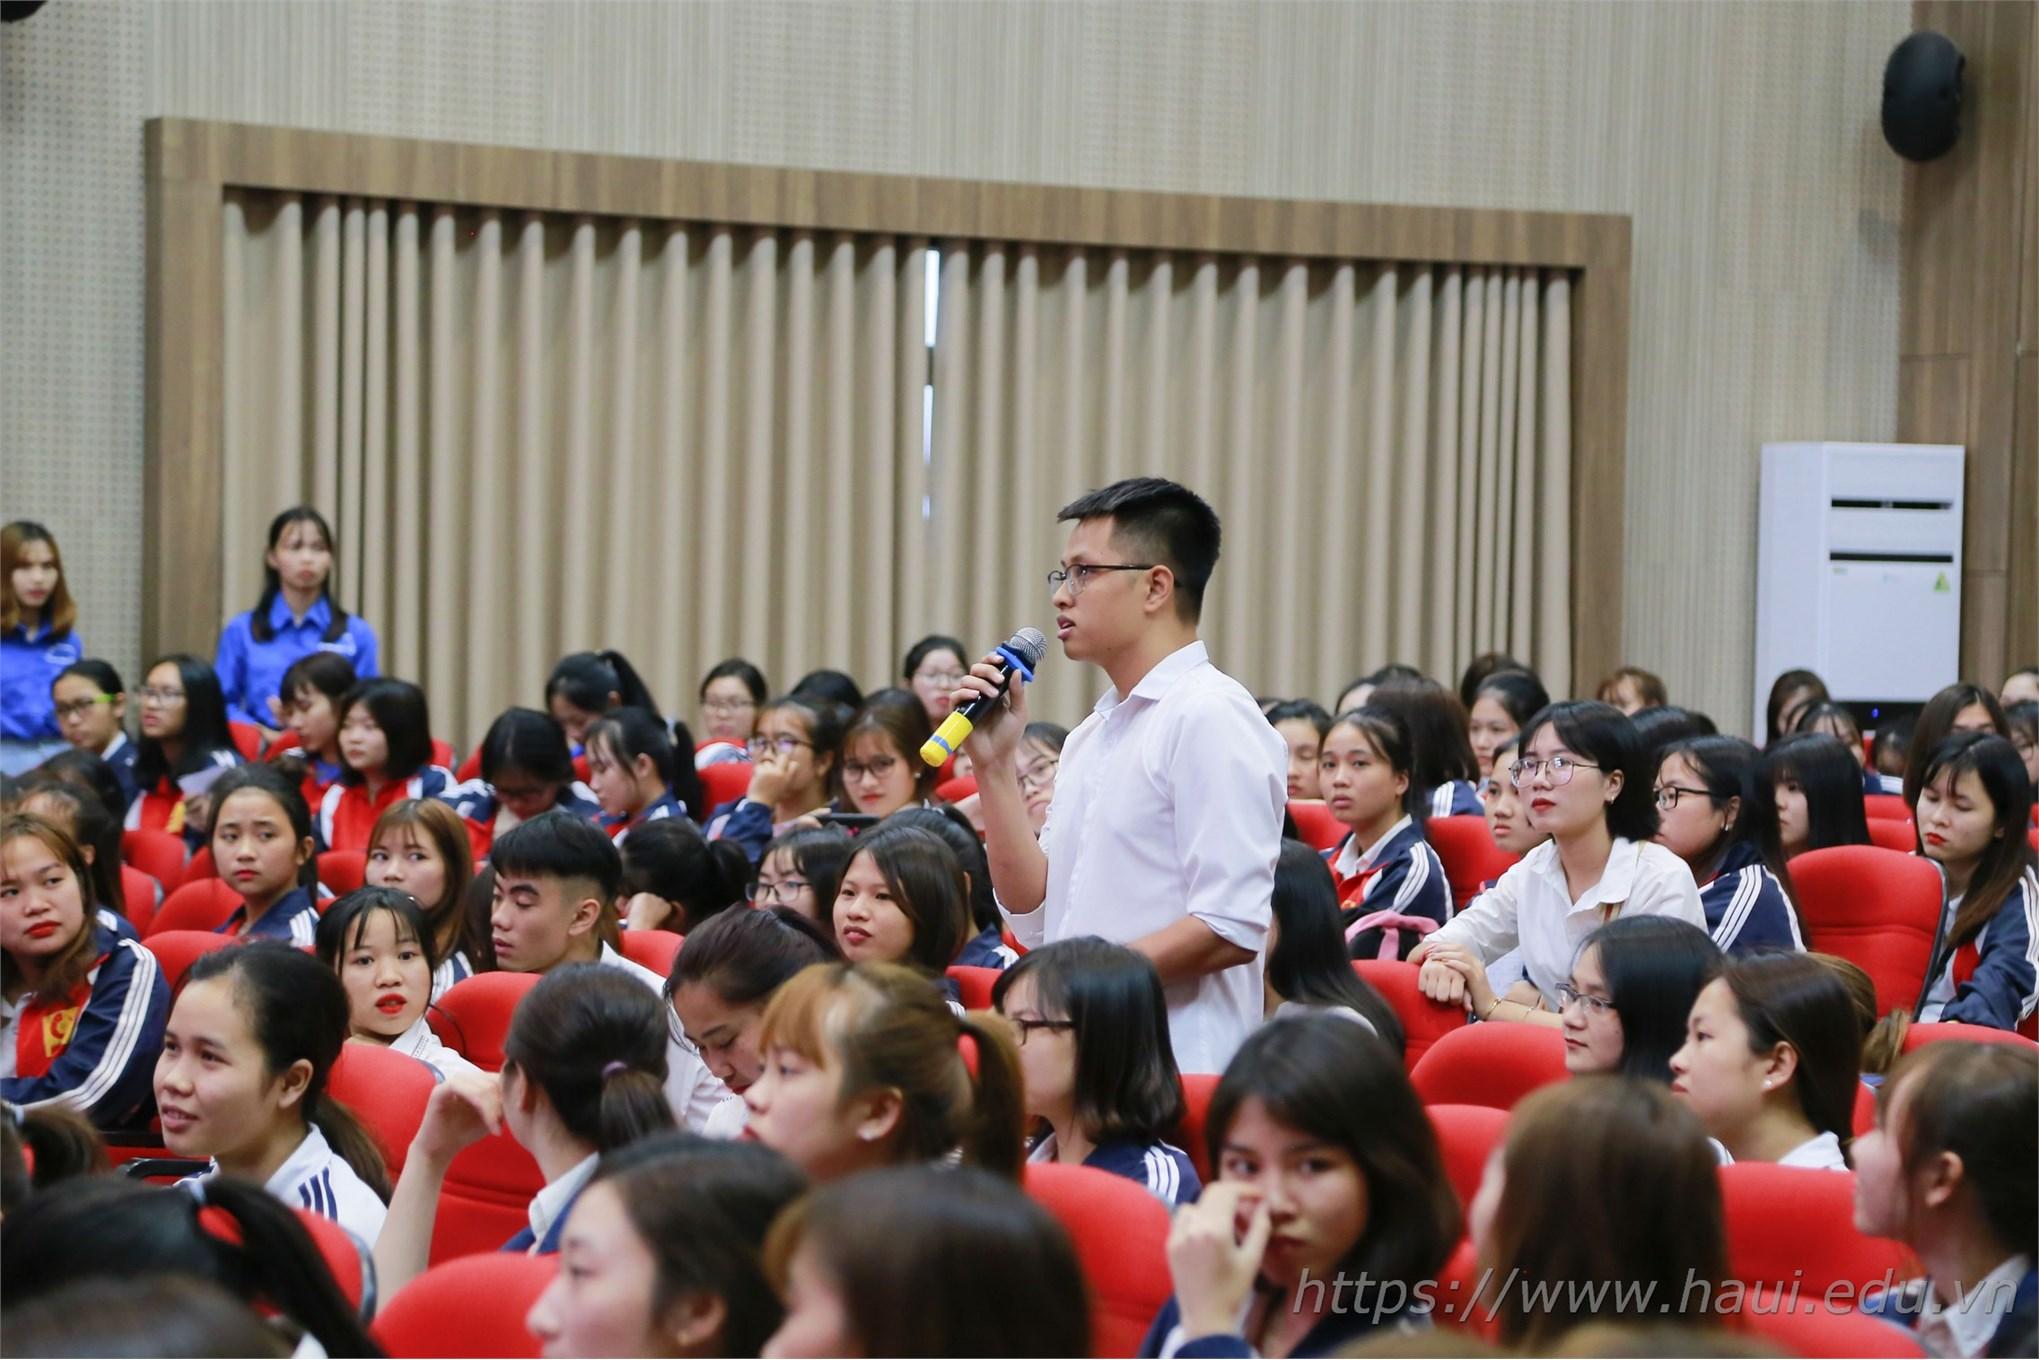 Tọa đàm Doanh nghiệp Dệt, May và Thời trang với sinh viên 2019 tại Đại học Công nghiệp Hà Nội